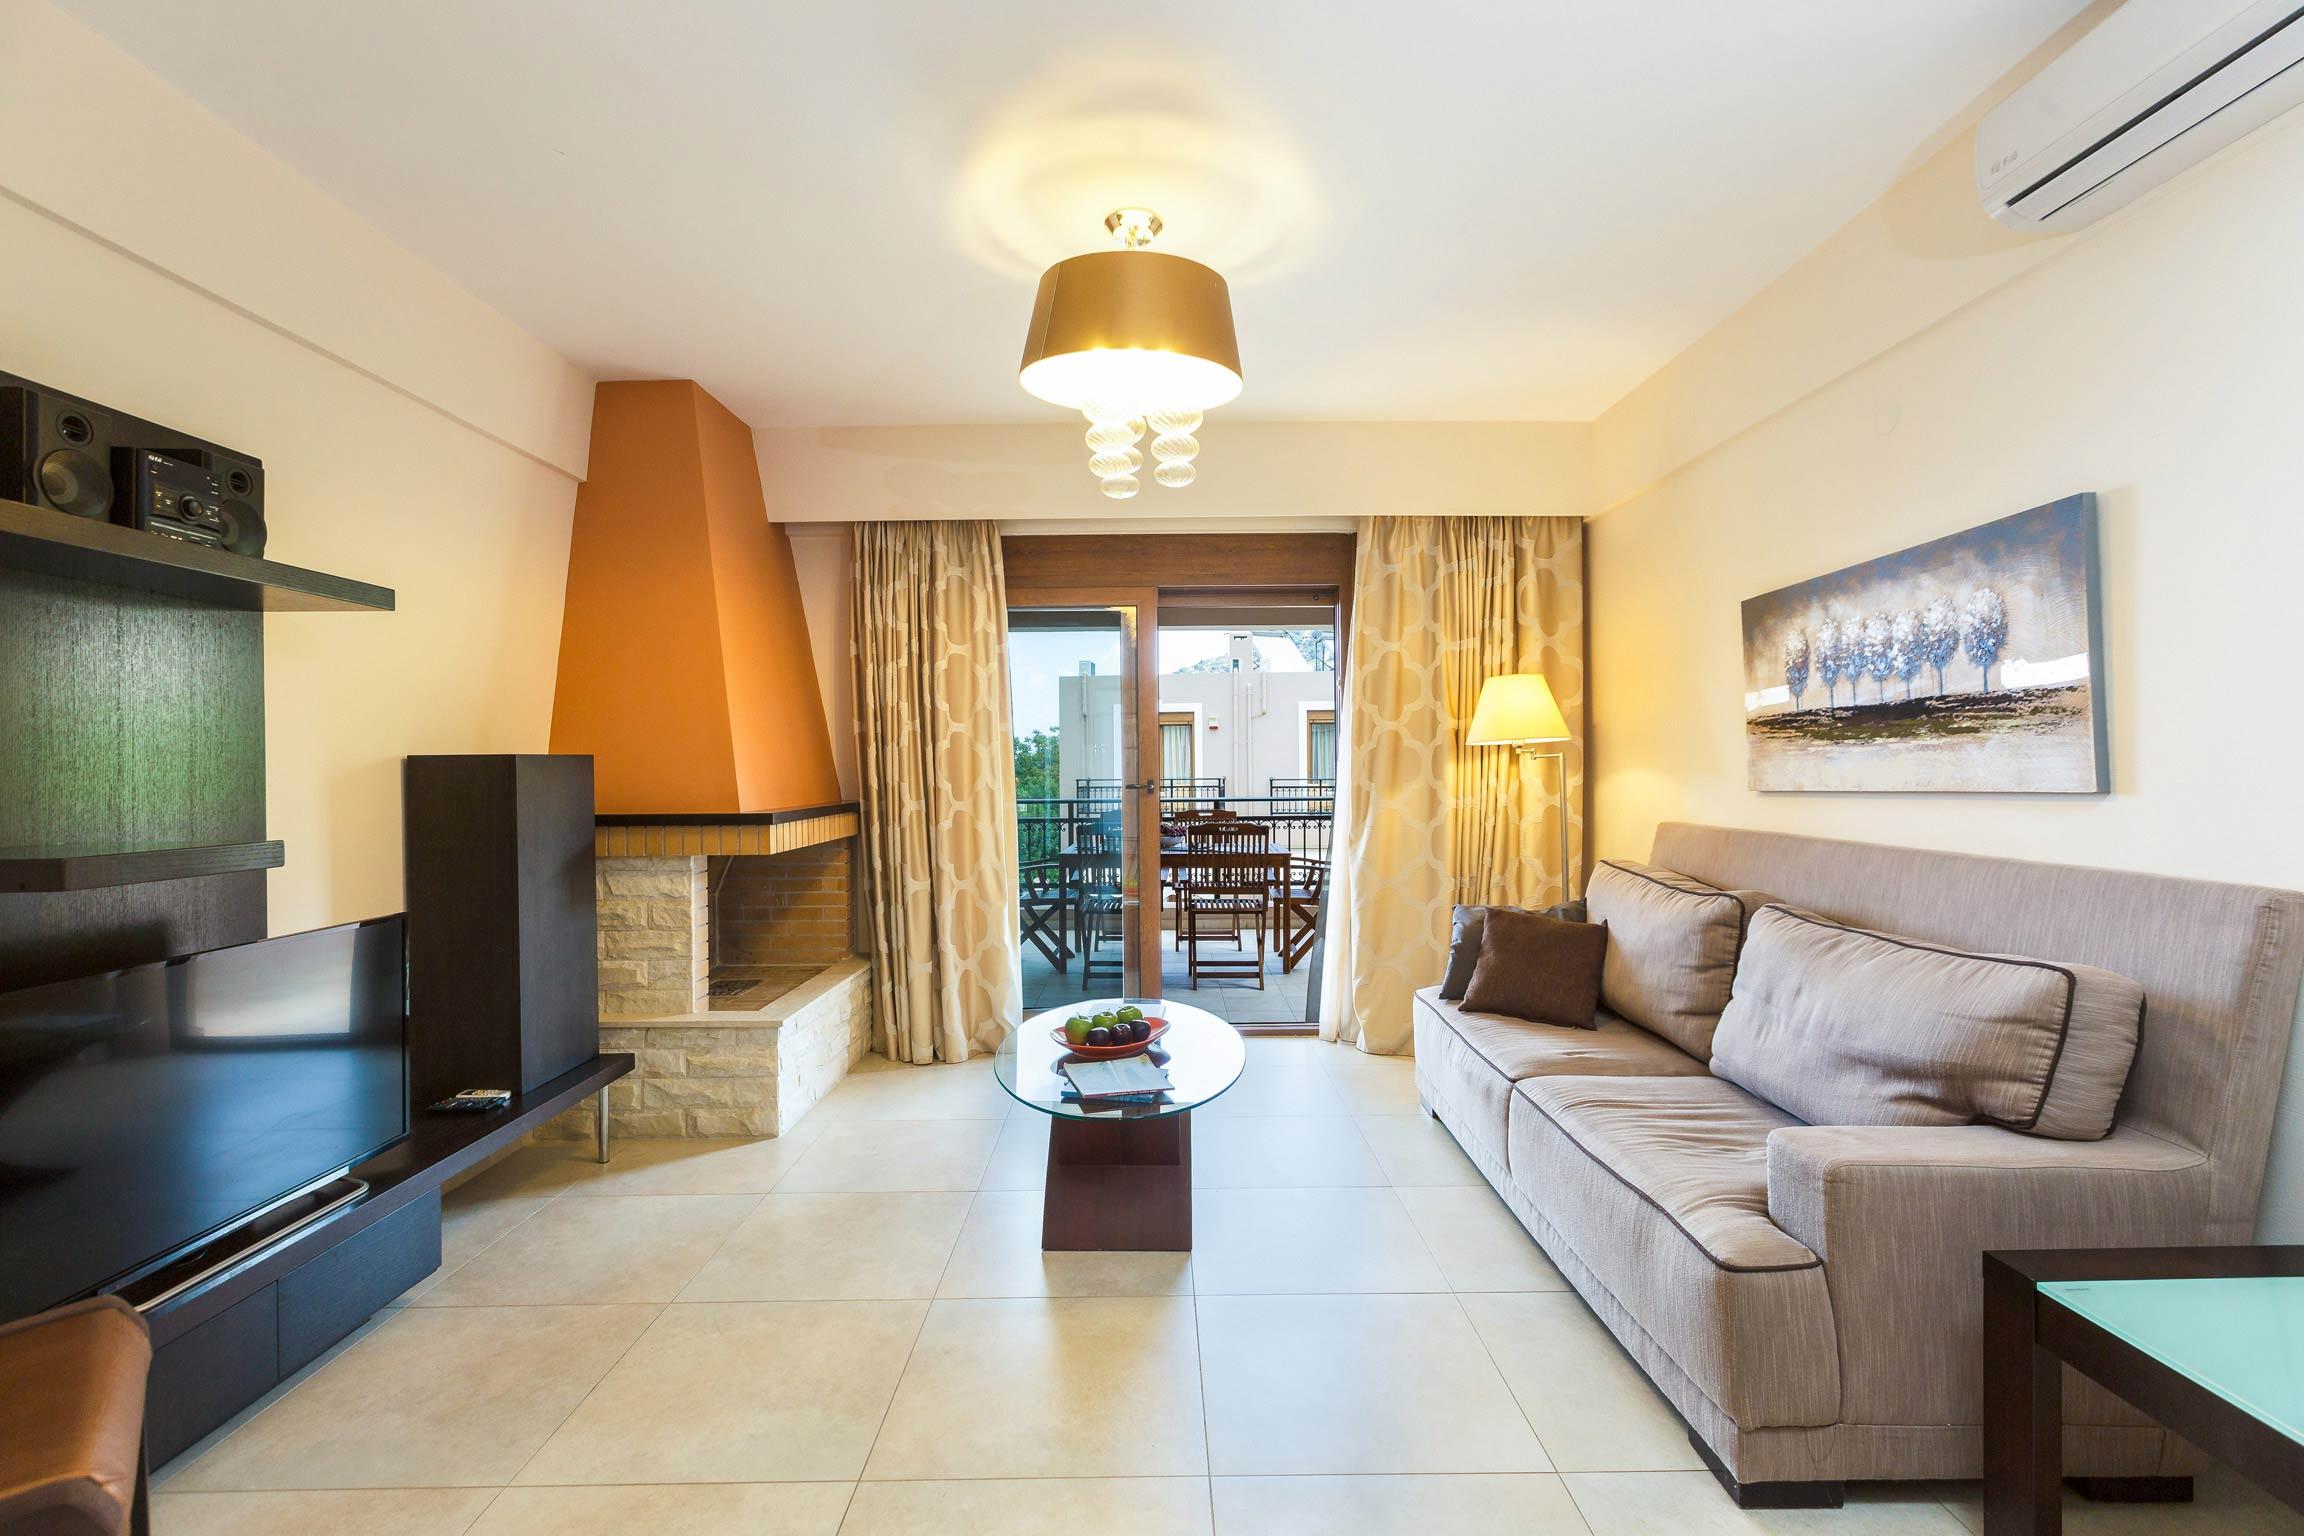 Ferienhaus Diese Villa auf zwei Ebenen ist der perfekte Ort, um in Rethymnon auf Kreta weh zu bleiben (2623387), Roumeli, Kreta Nordküste, Kreta, Griechenland, Bild 19